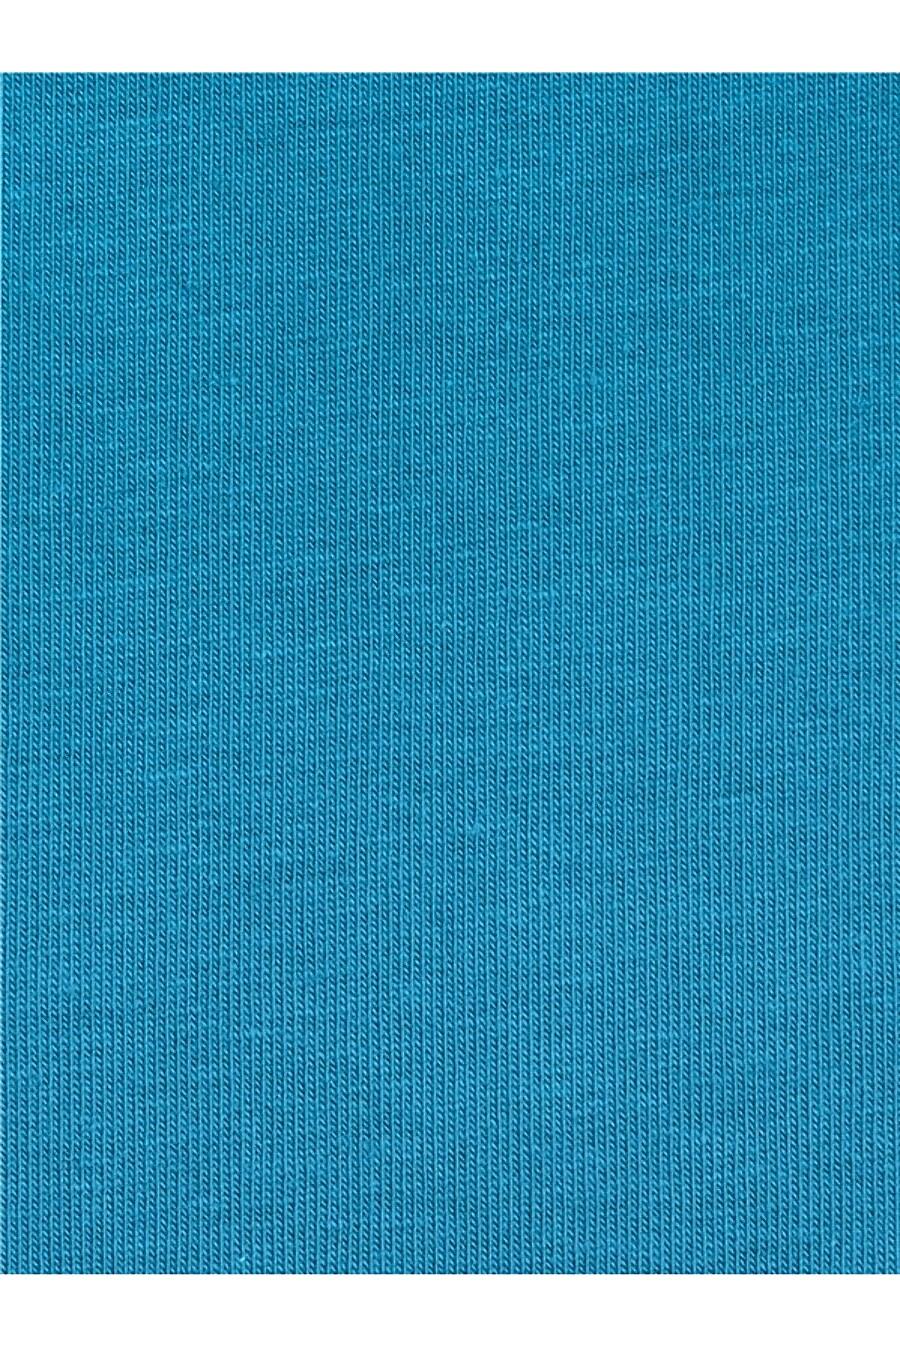 Платье для женщин Archi 239143 купить оптом от производителя. Совместная покупка женской одежды в OptMoyo